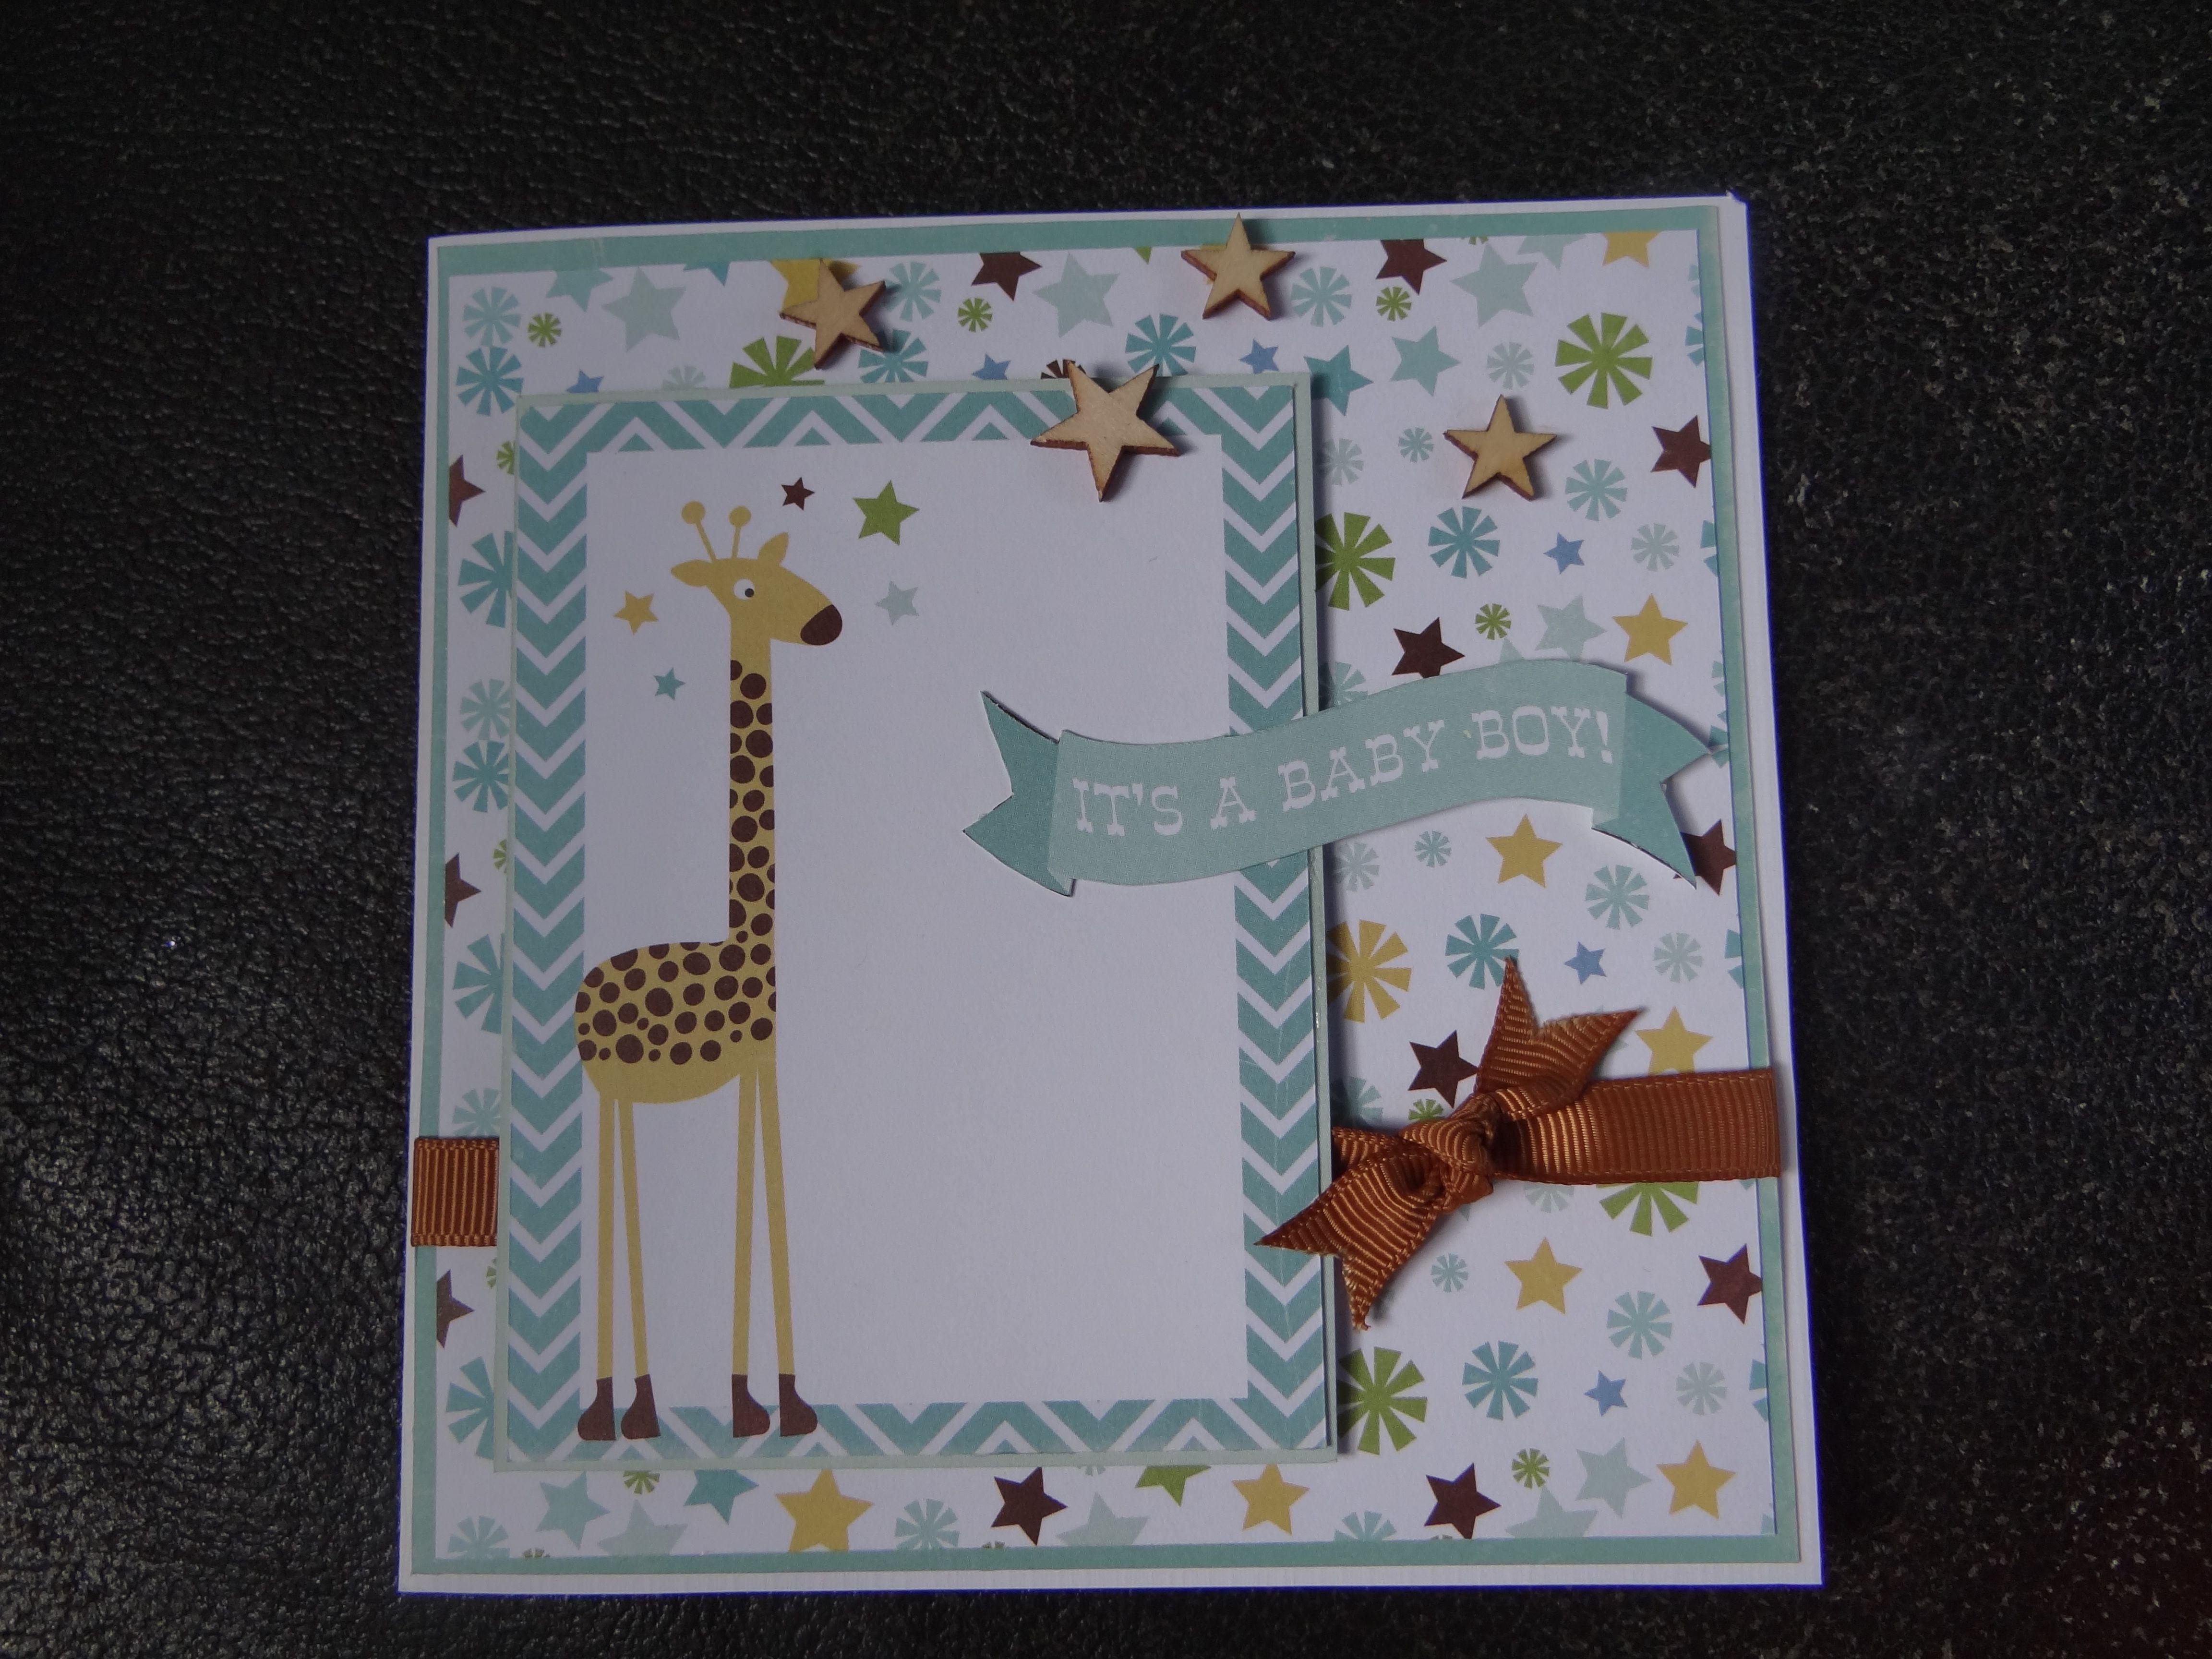 Scrapbook paper echo park - It S A Baby Boy Echo Park Paper Bundle Of Joy